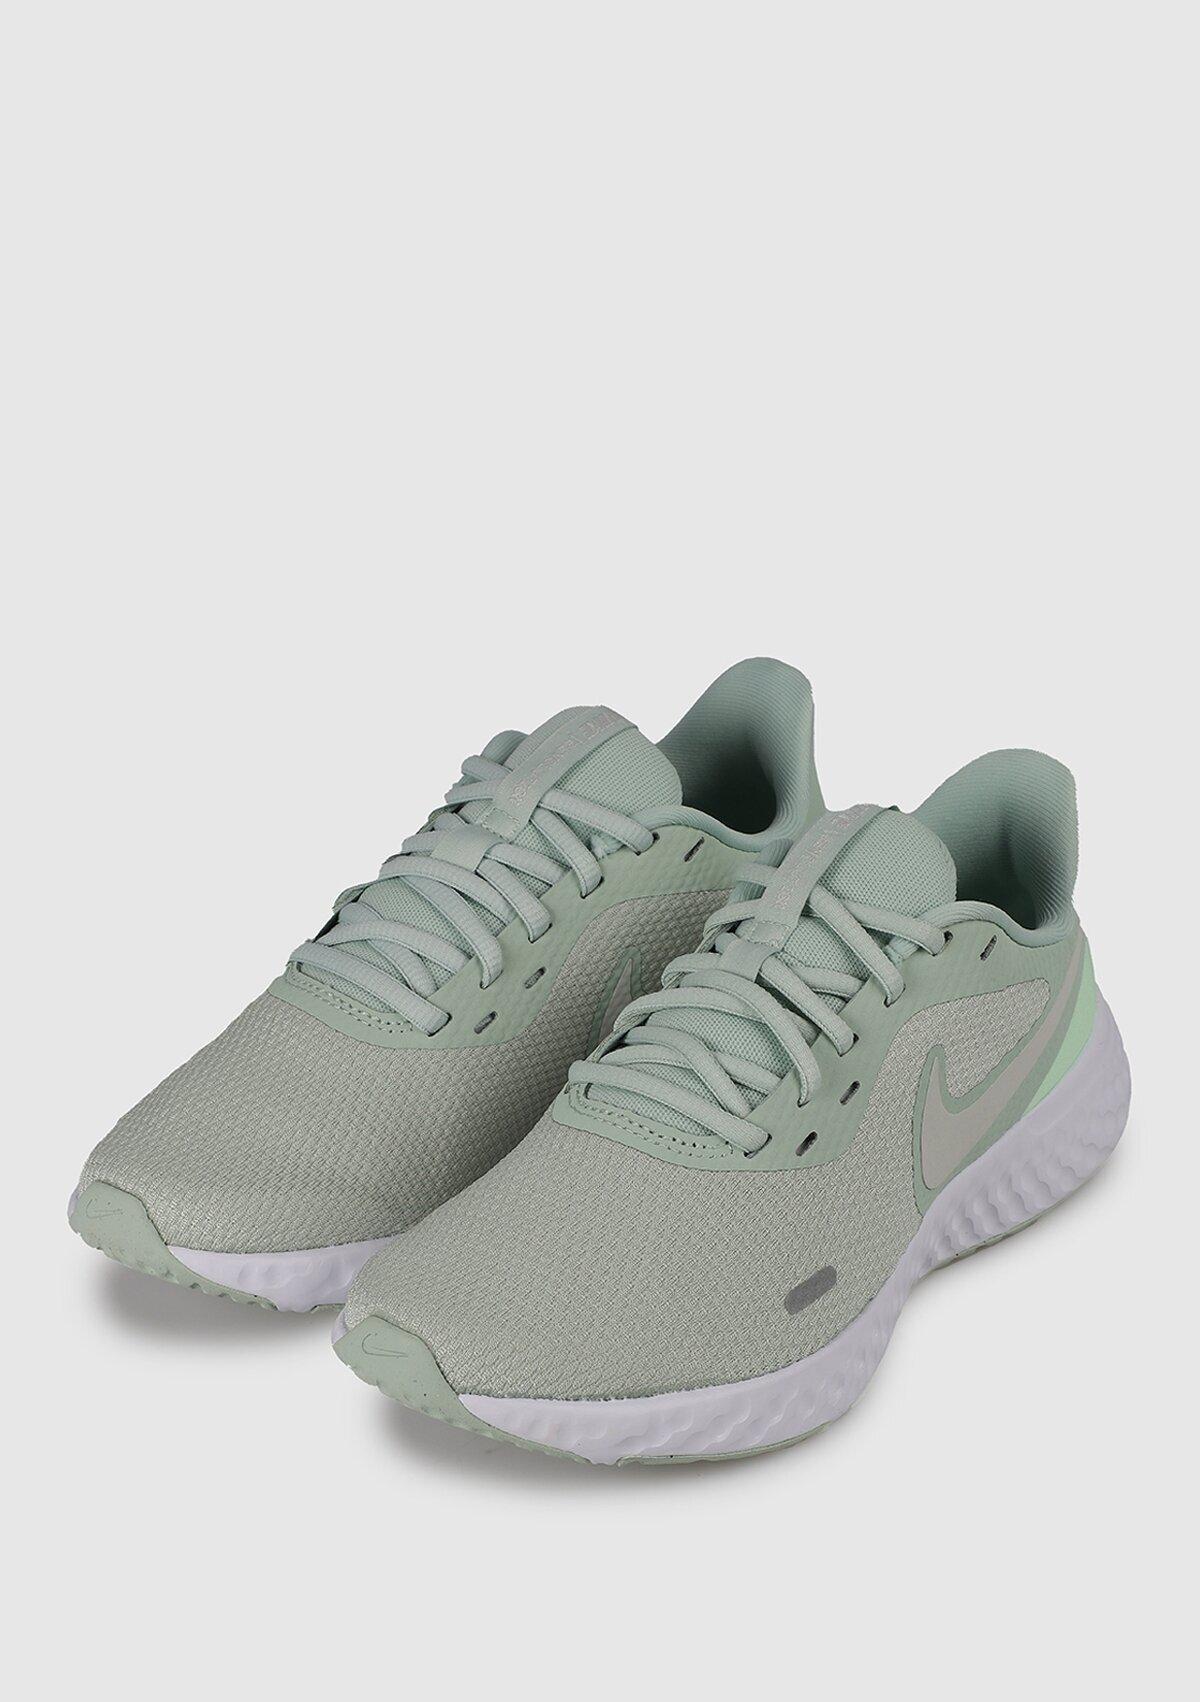 resm Revolution Yeşil Kadın Koşu Ayakkabısı Bq3207-300